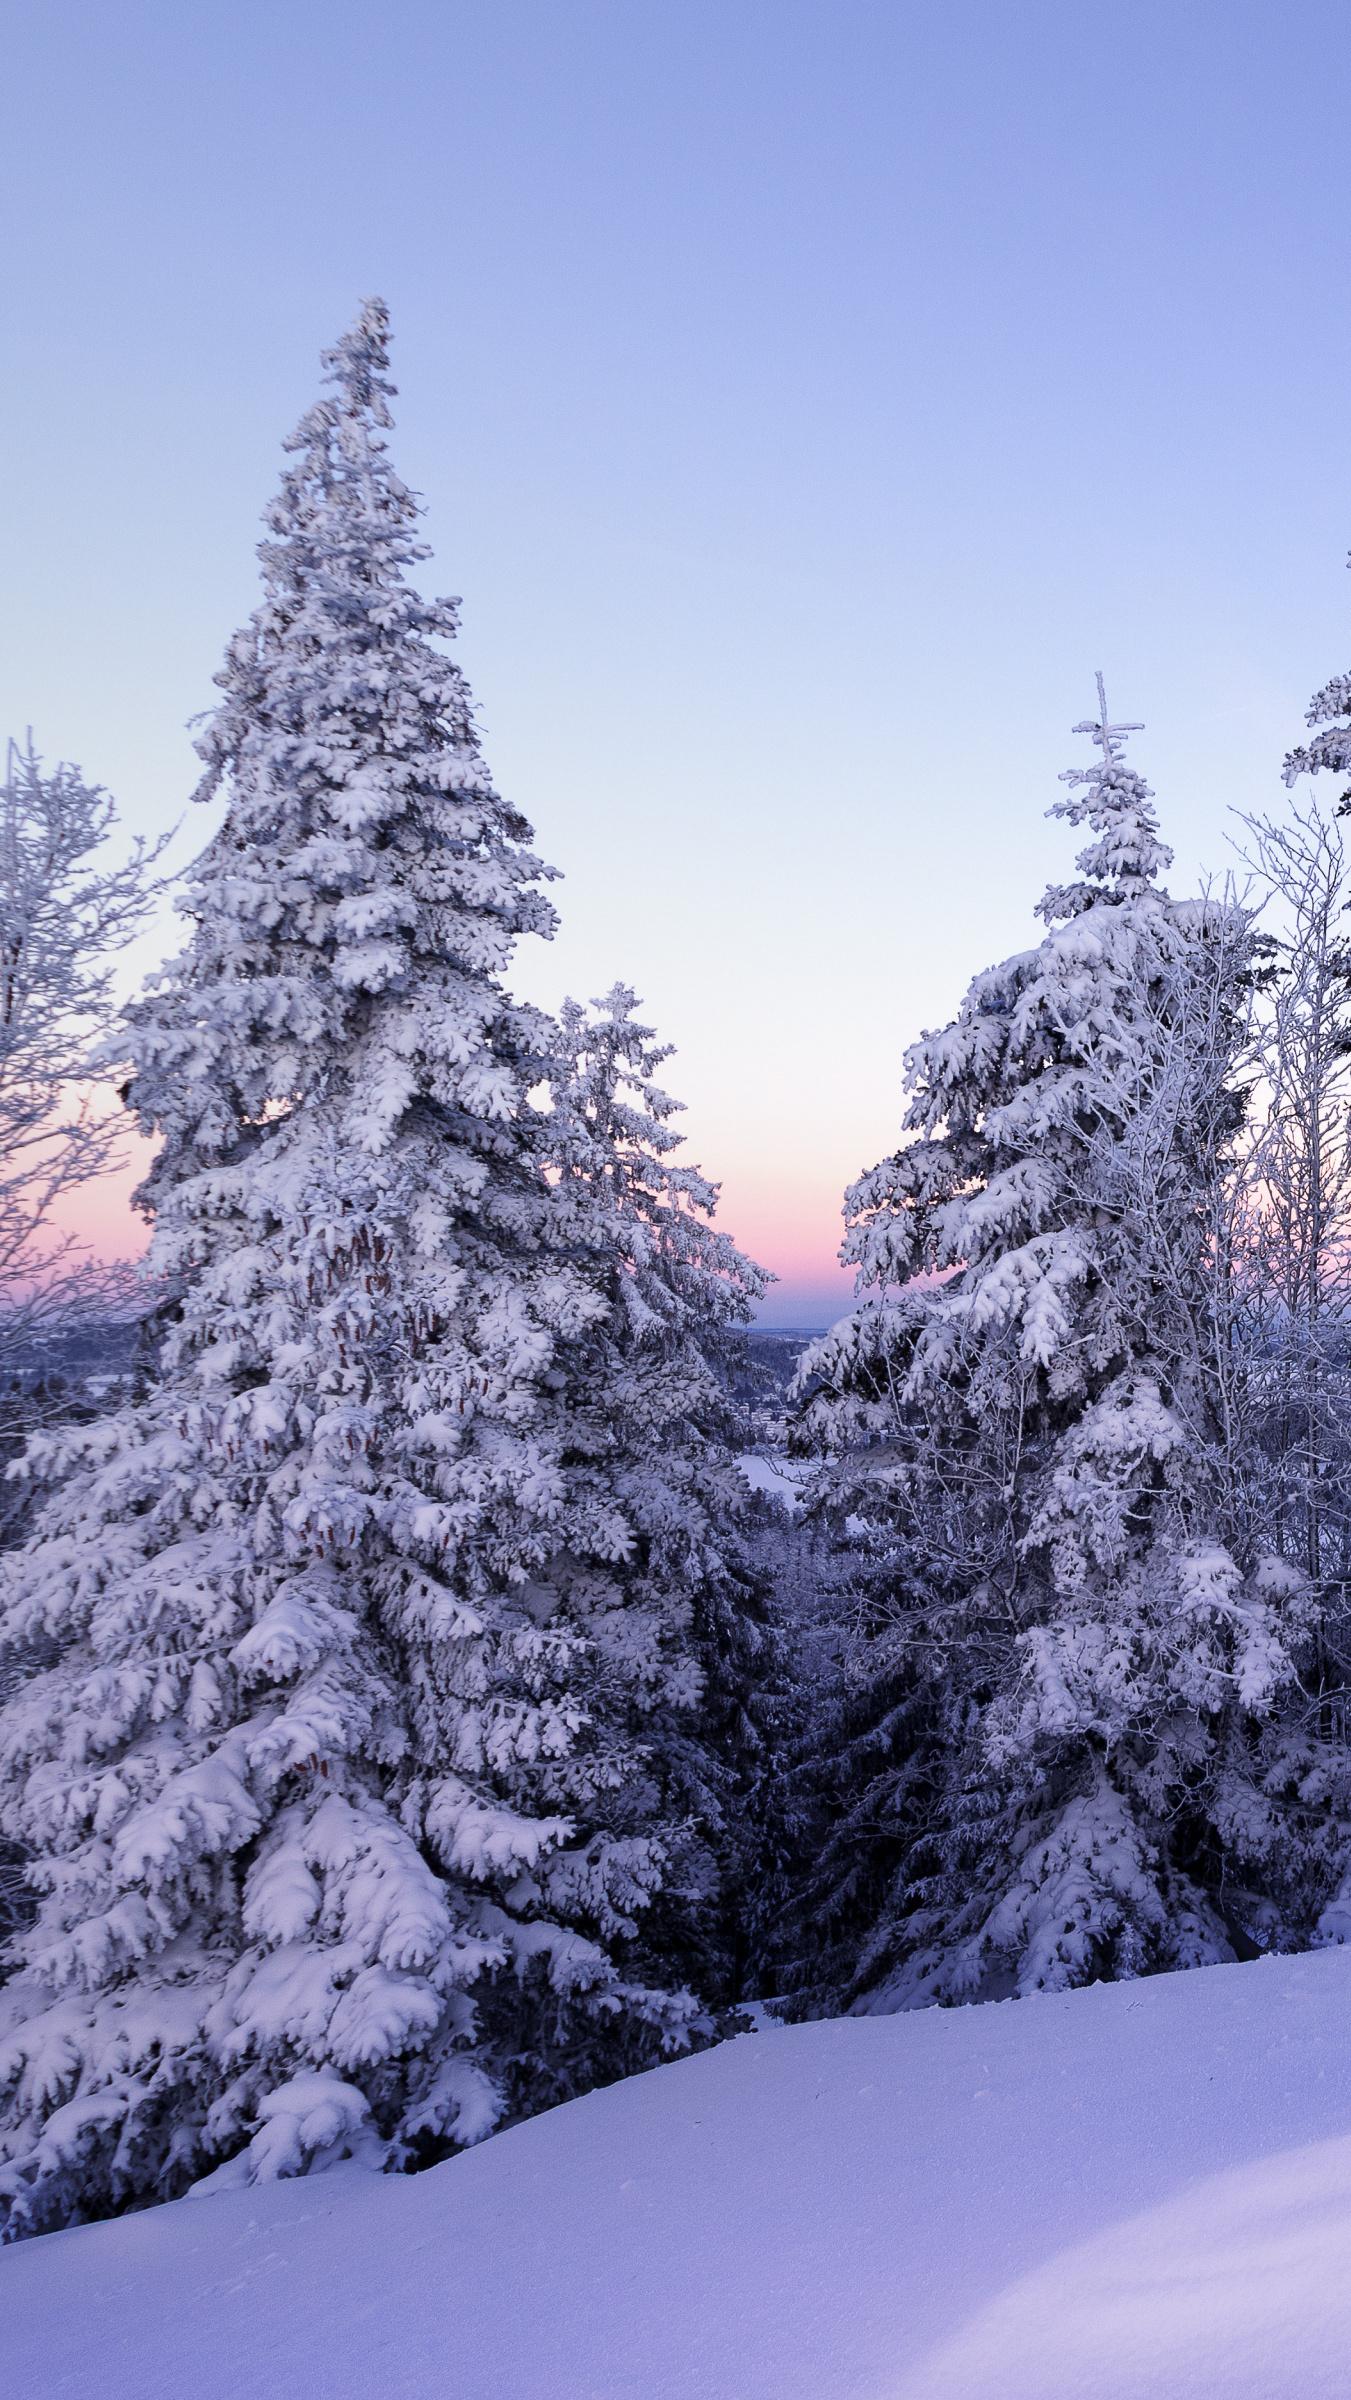 Śnieg pod ośnieżonymi świerkami